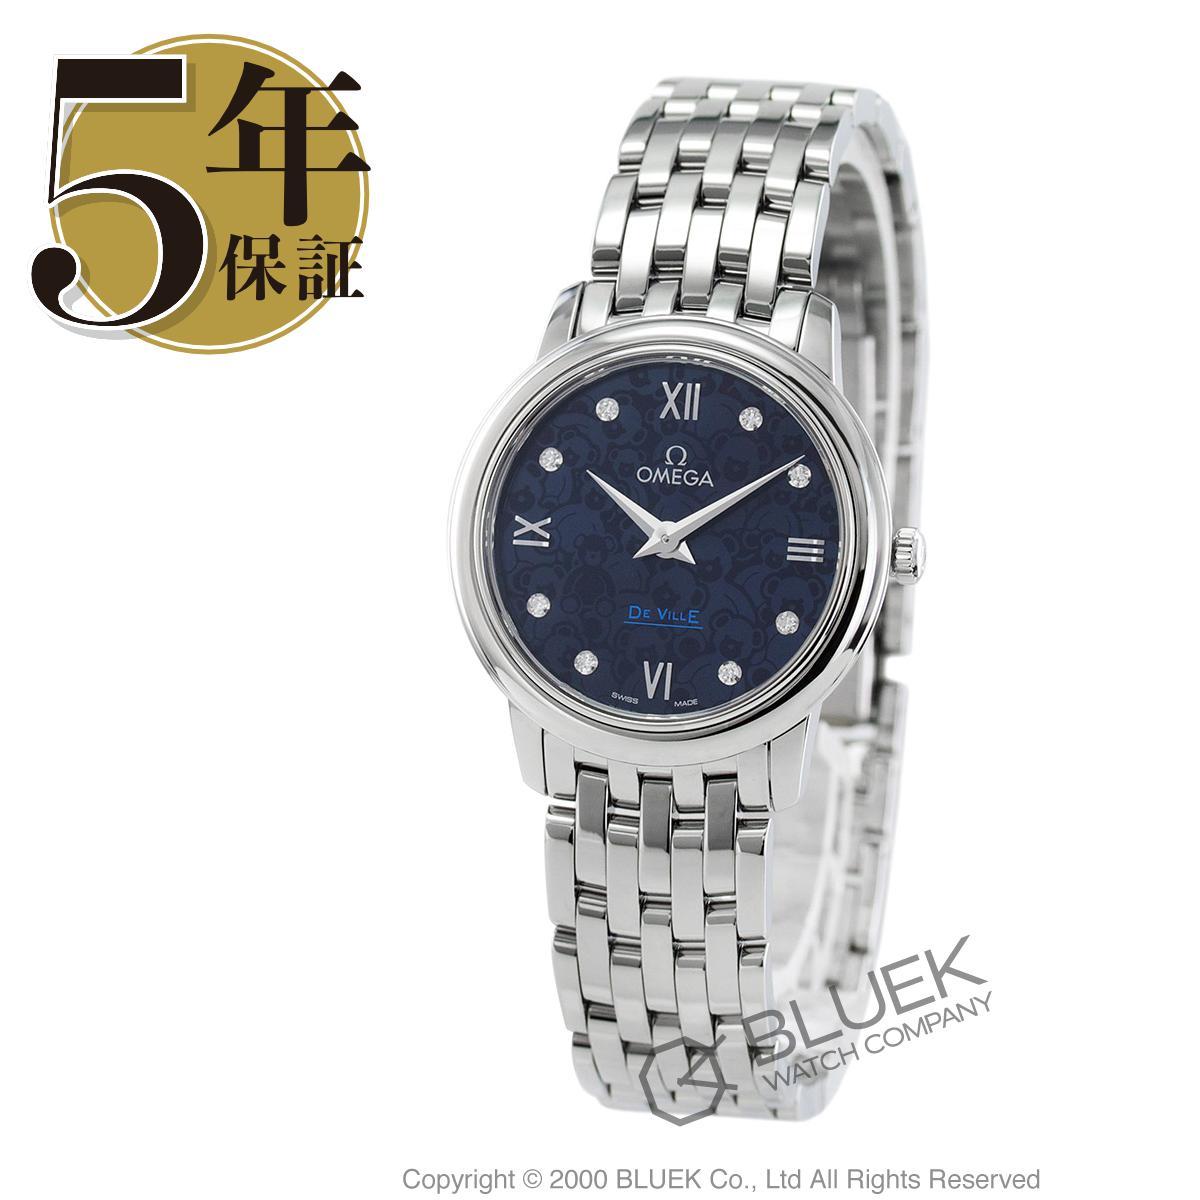 オメガ デビル プレステージ オービス ダイヤ 腕時計 レディース OMEGA 424.10.27.60.53.003_5